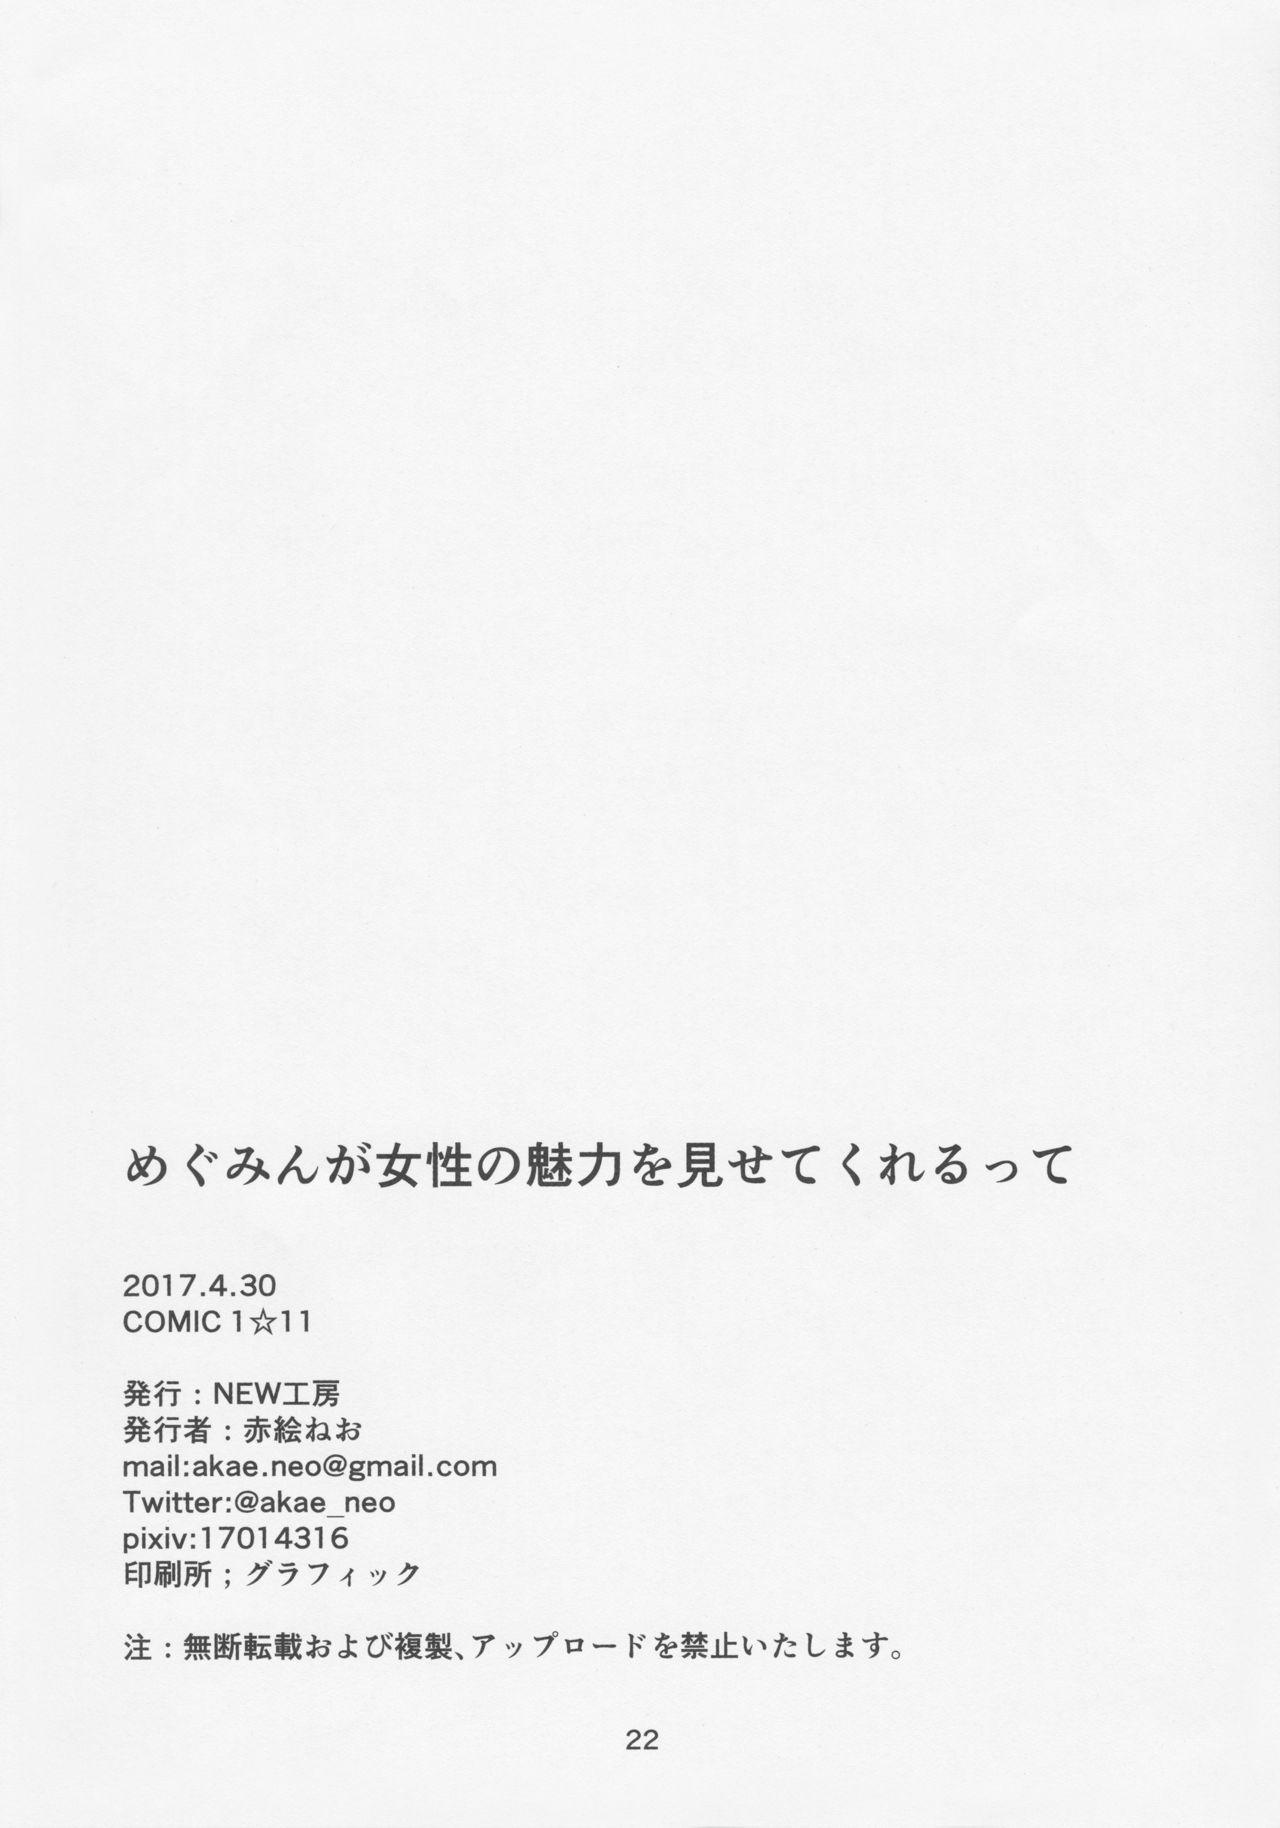 Megumin ga Josei no Miryoku o Misete kurerutte 20